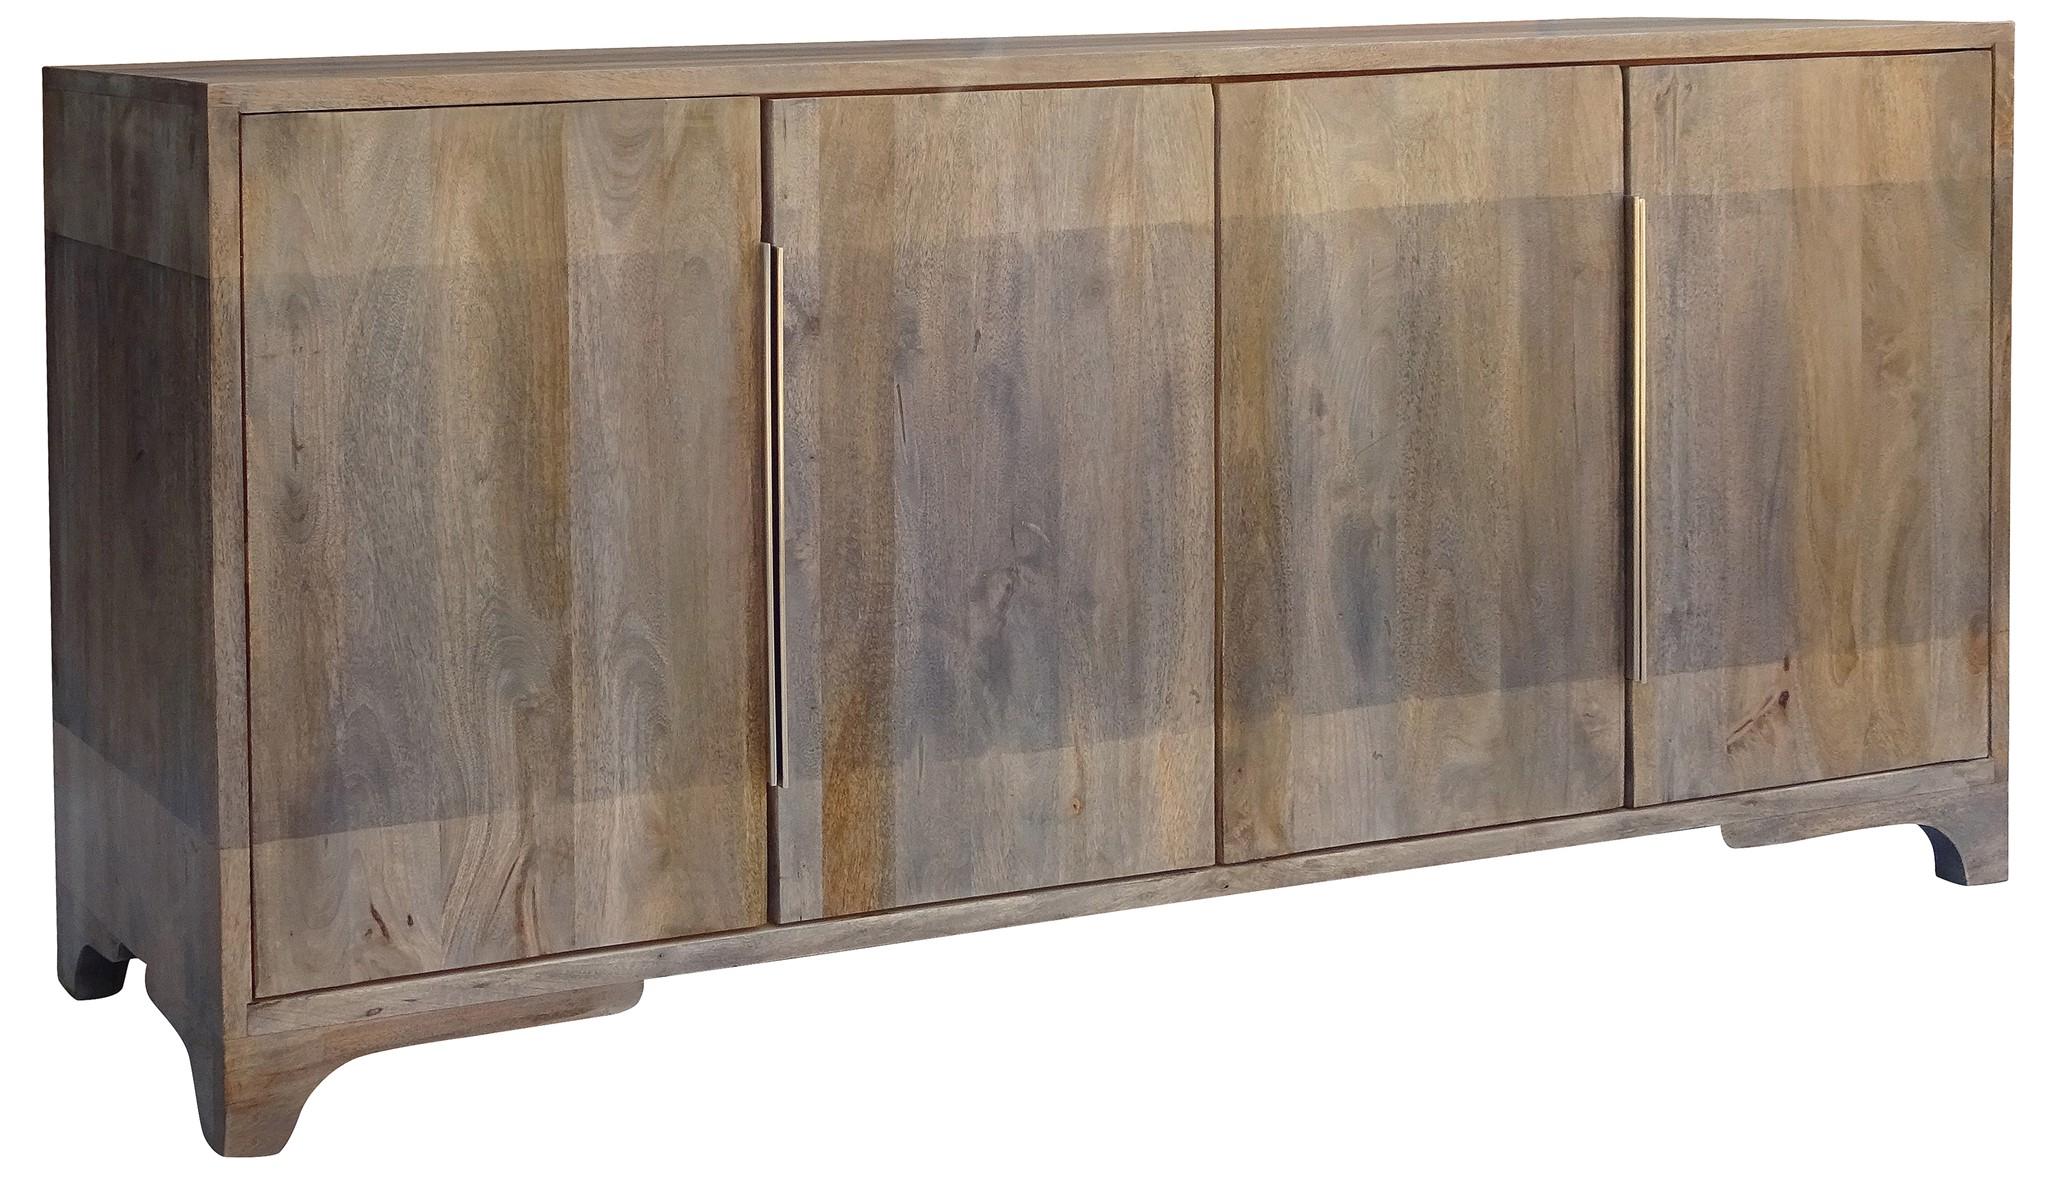 Bengal Manor 2 Tone Grey Mango Wood 4 Door Sideboard – Walmart For Famous Mango Wood Grey 4 Drawer 4 Door Sideboards (View 1 of 20)